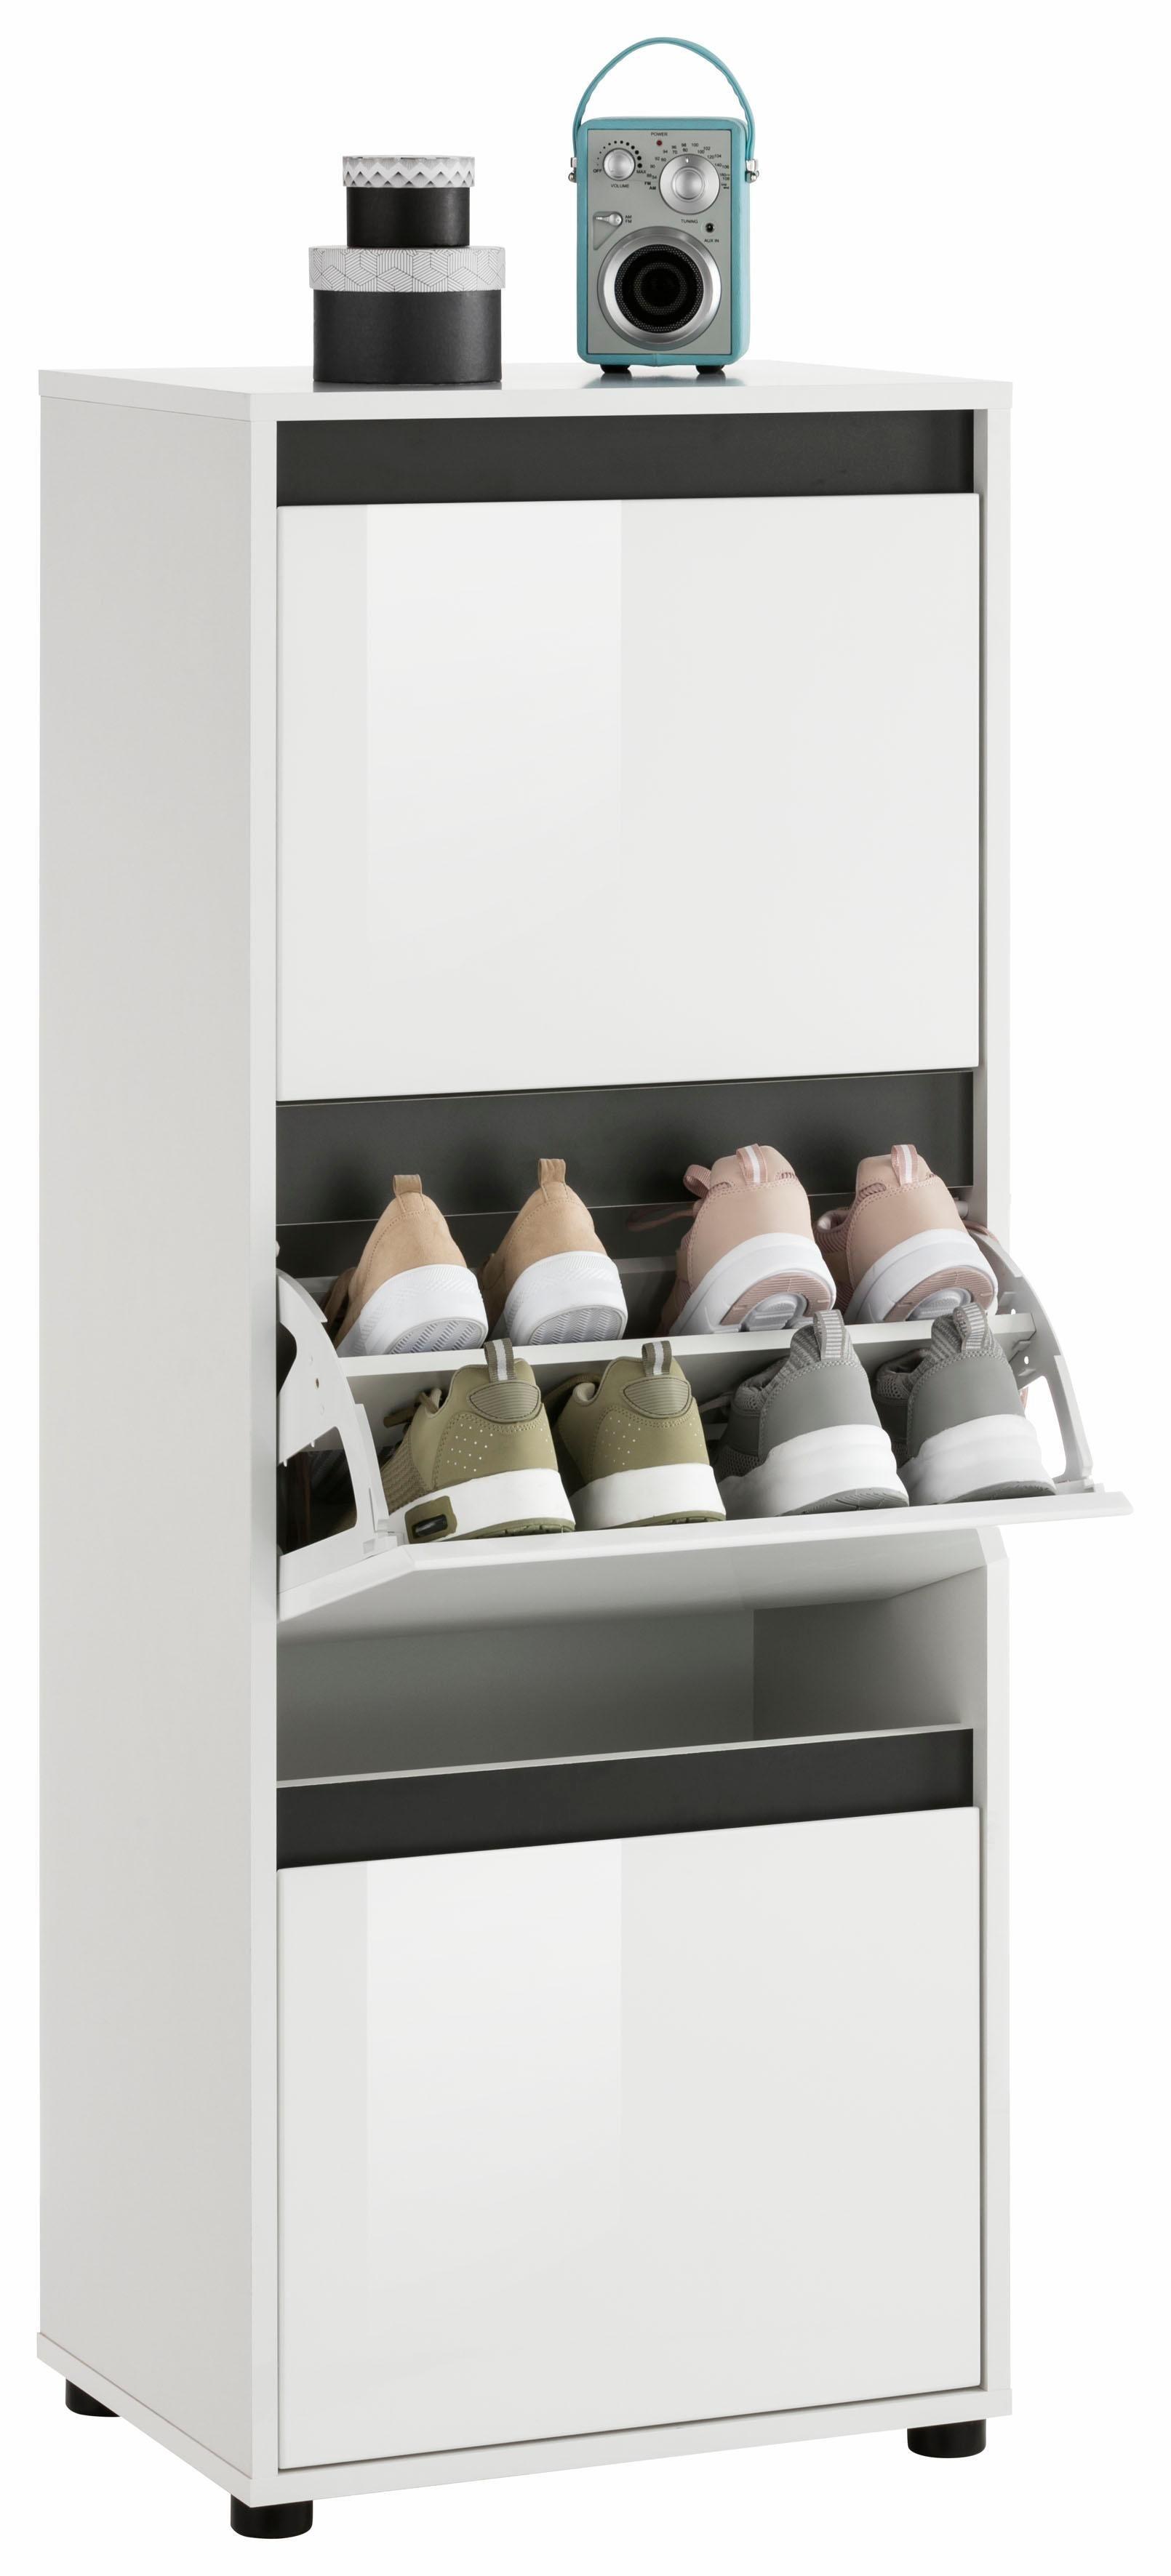 trendteam Schuhschrank »Sol« mit Wechselblende | Flur & Diele > Schuhschränke und Kommoden > Schuhschränke | Weiß - Grau - Glanz | Melamin | trendteam